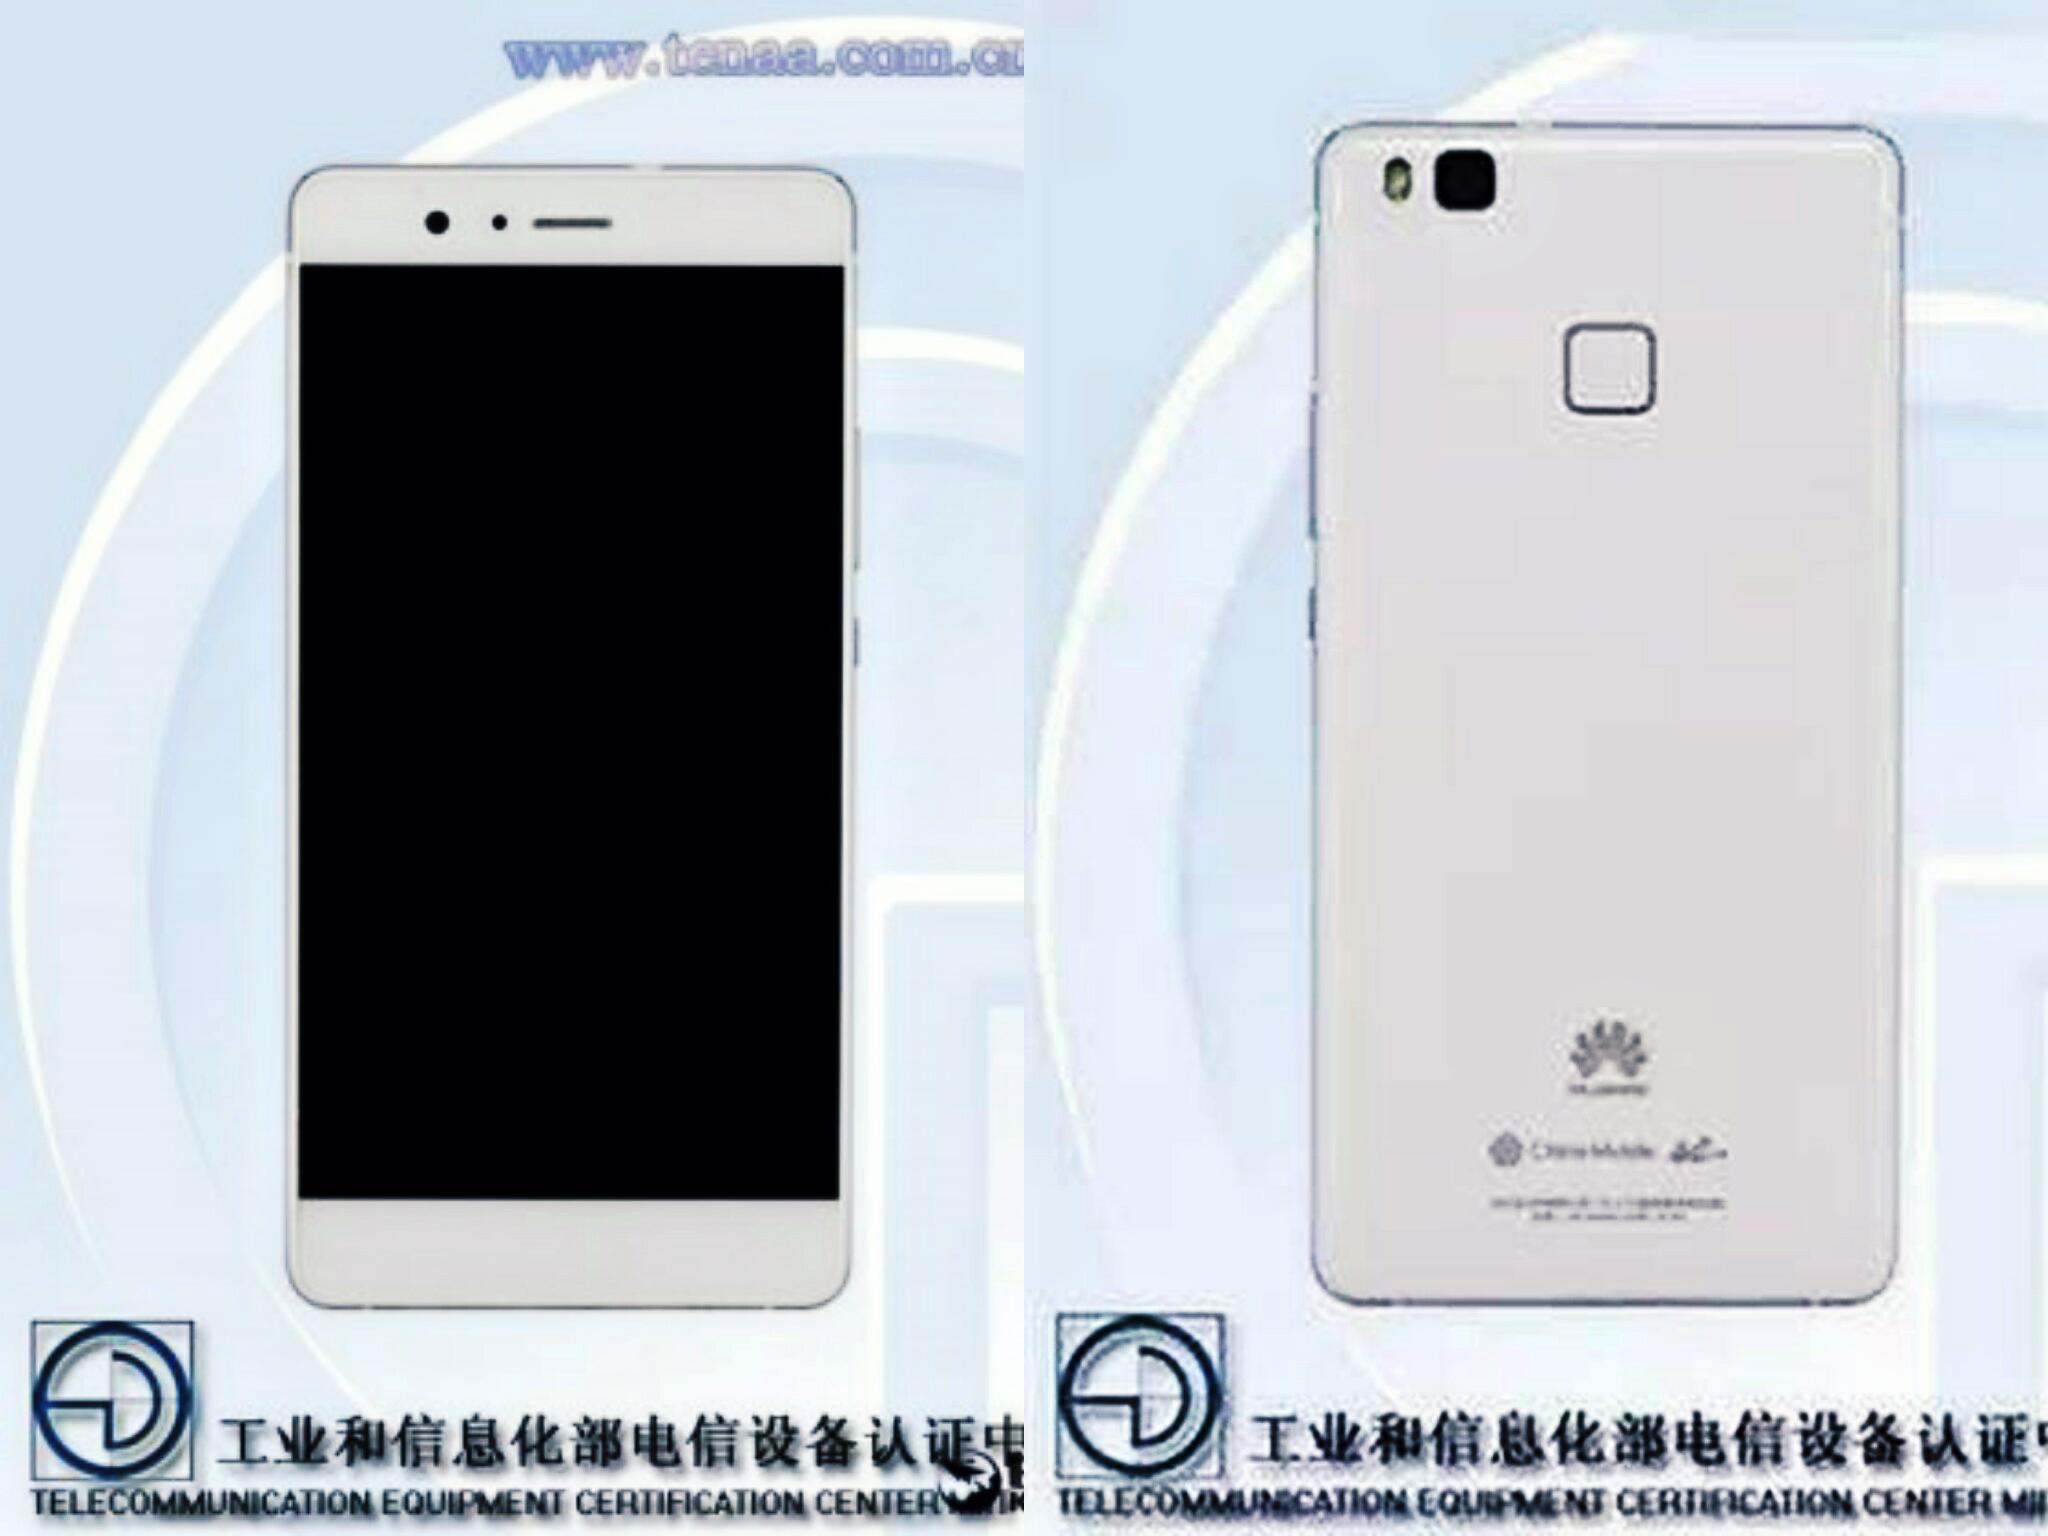 Huawei_g9_tenaa